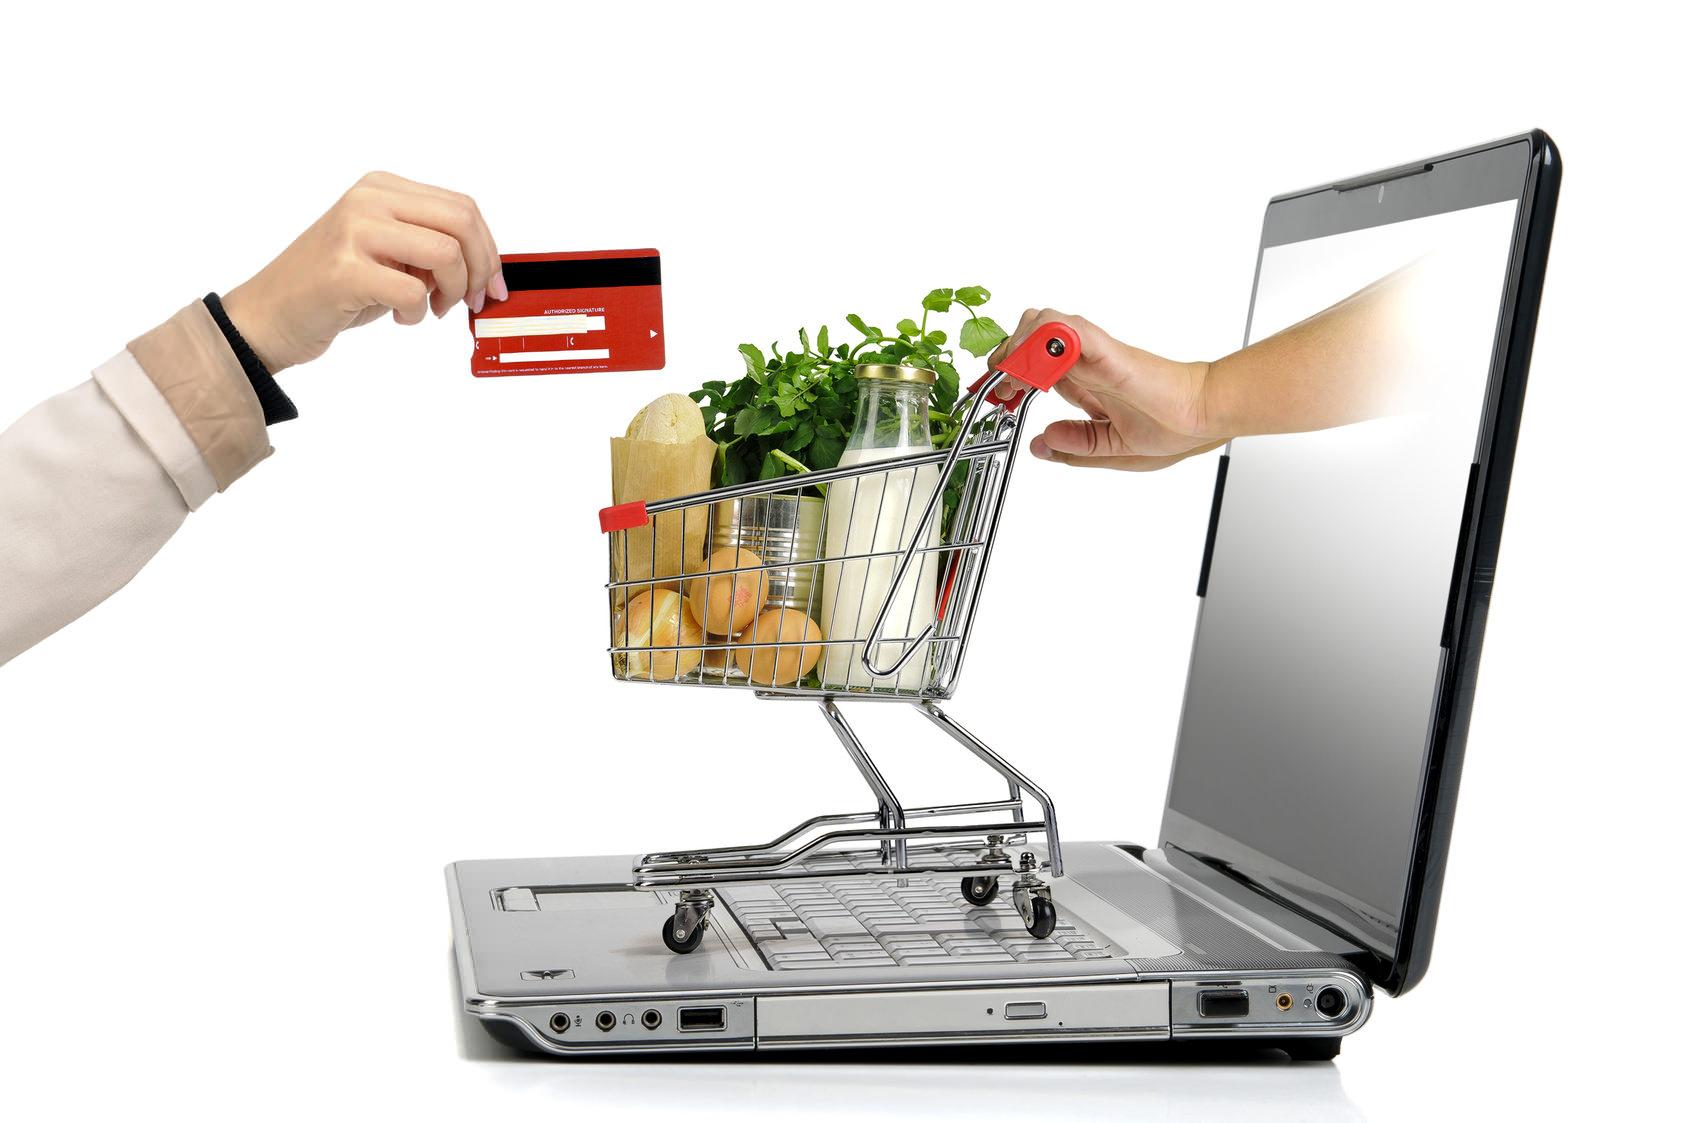 МАРТ разработает меры по ограничению доступа к интернет-магазину до устранения продавцом нарушений